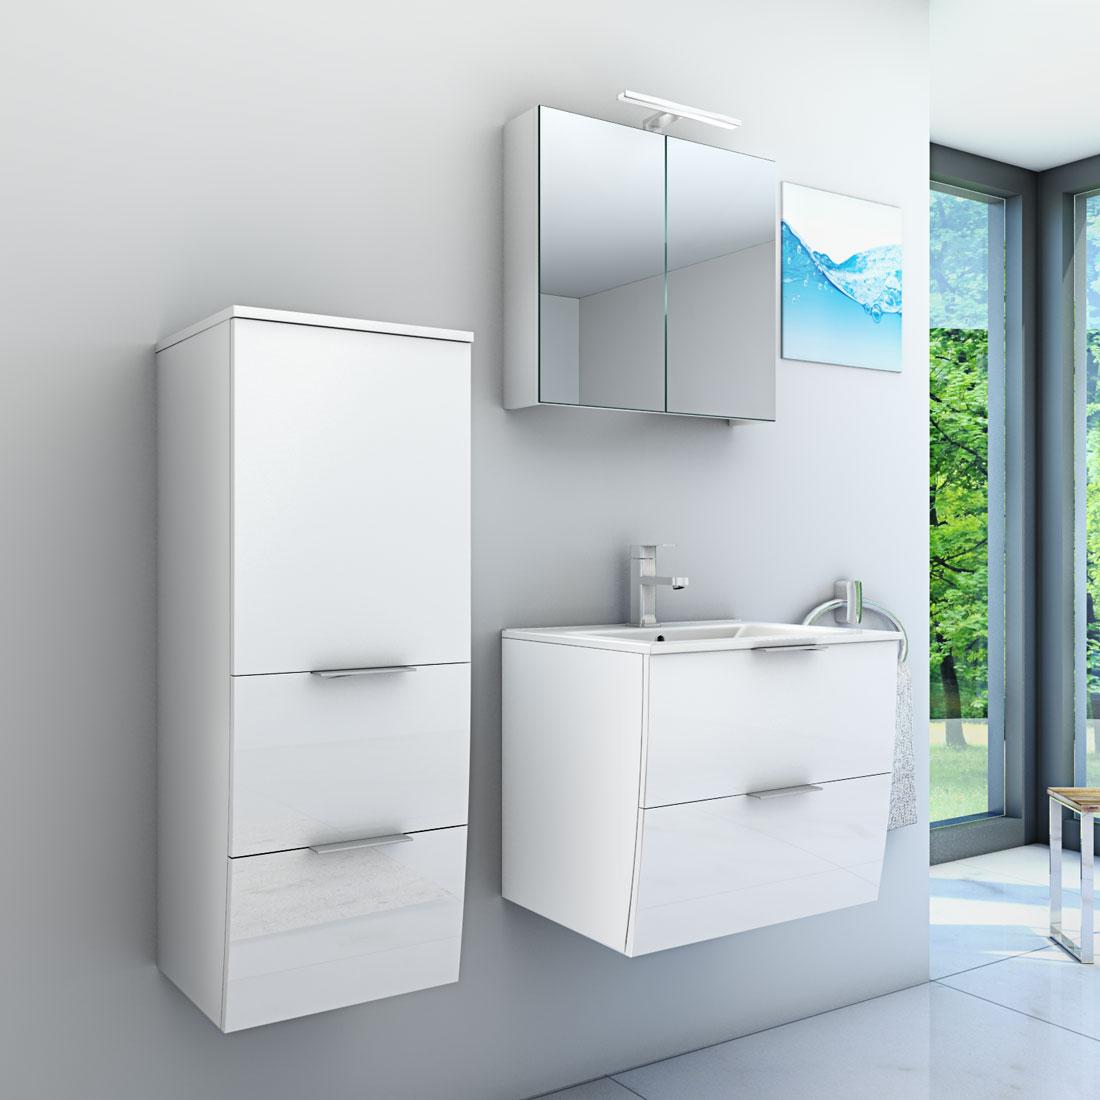 Badmöbel Set Gently 2 V2-L Hochglanz weiß, Badezimmermöbel, Waschtisch